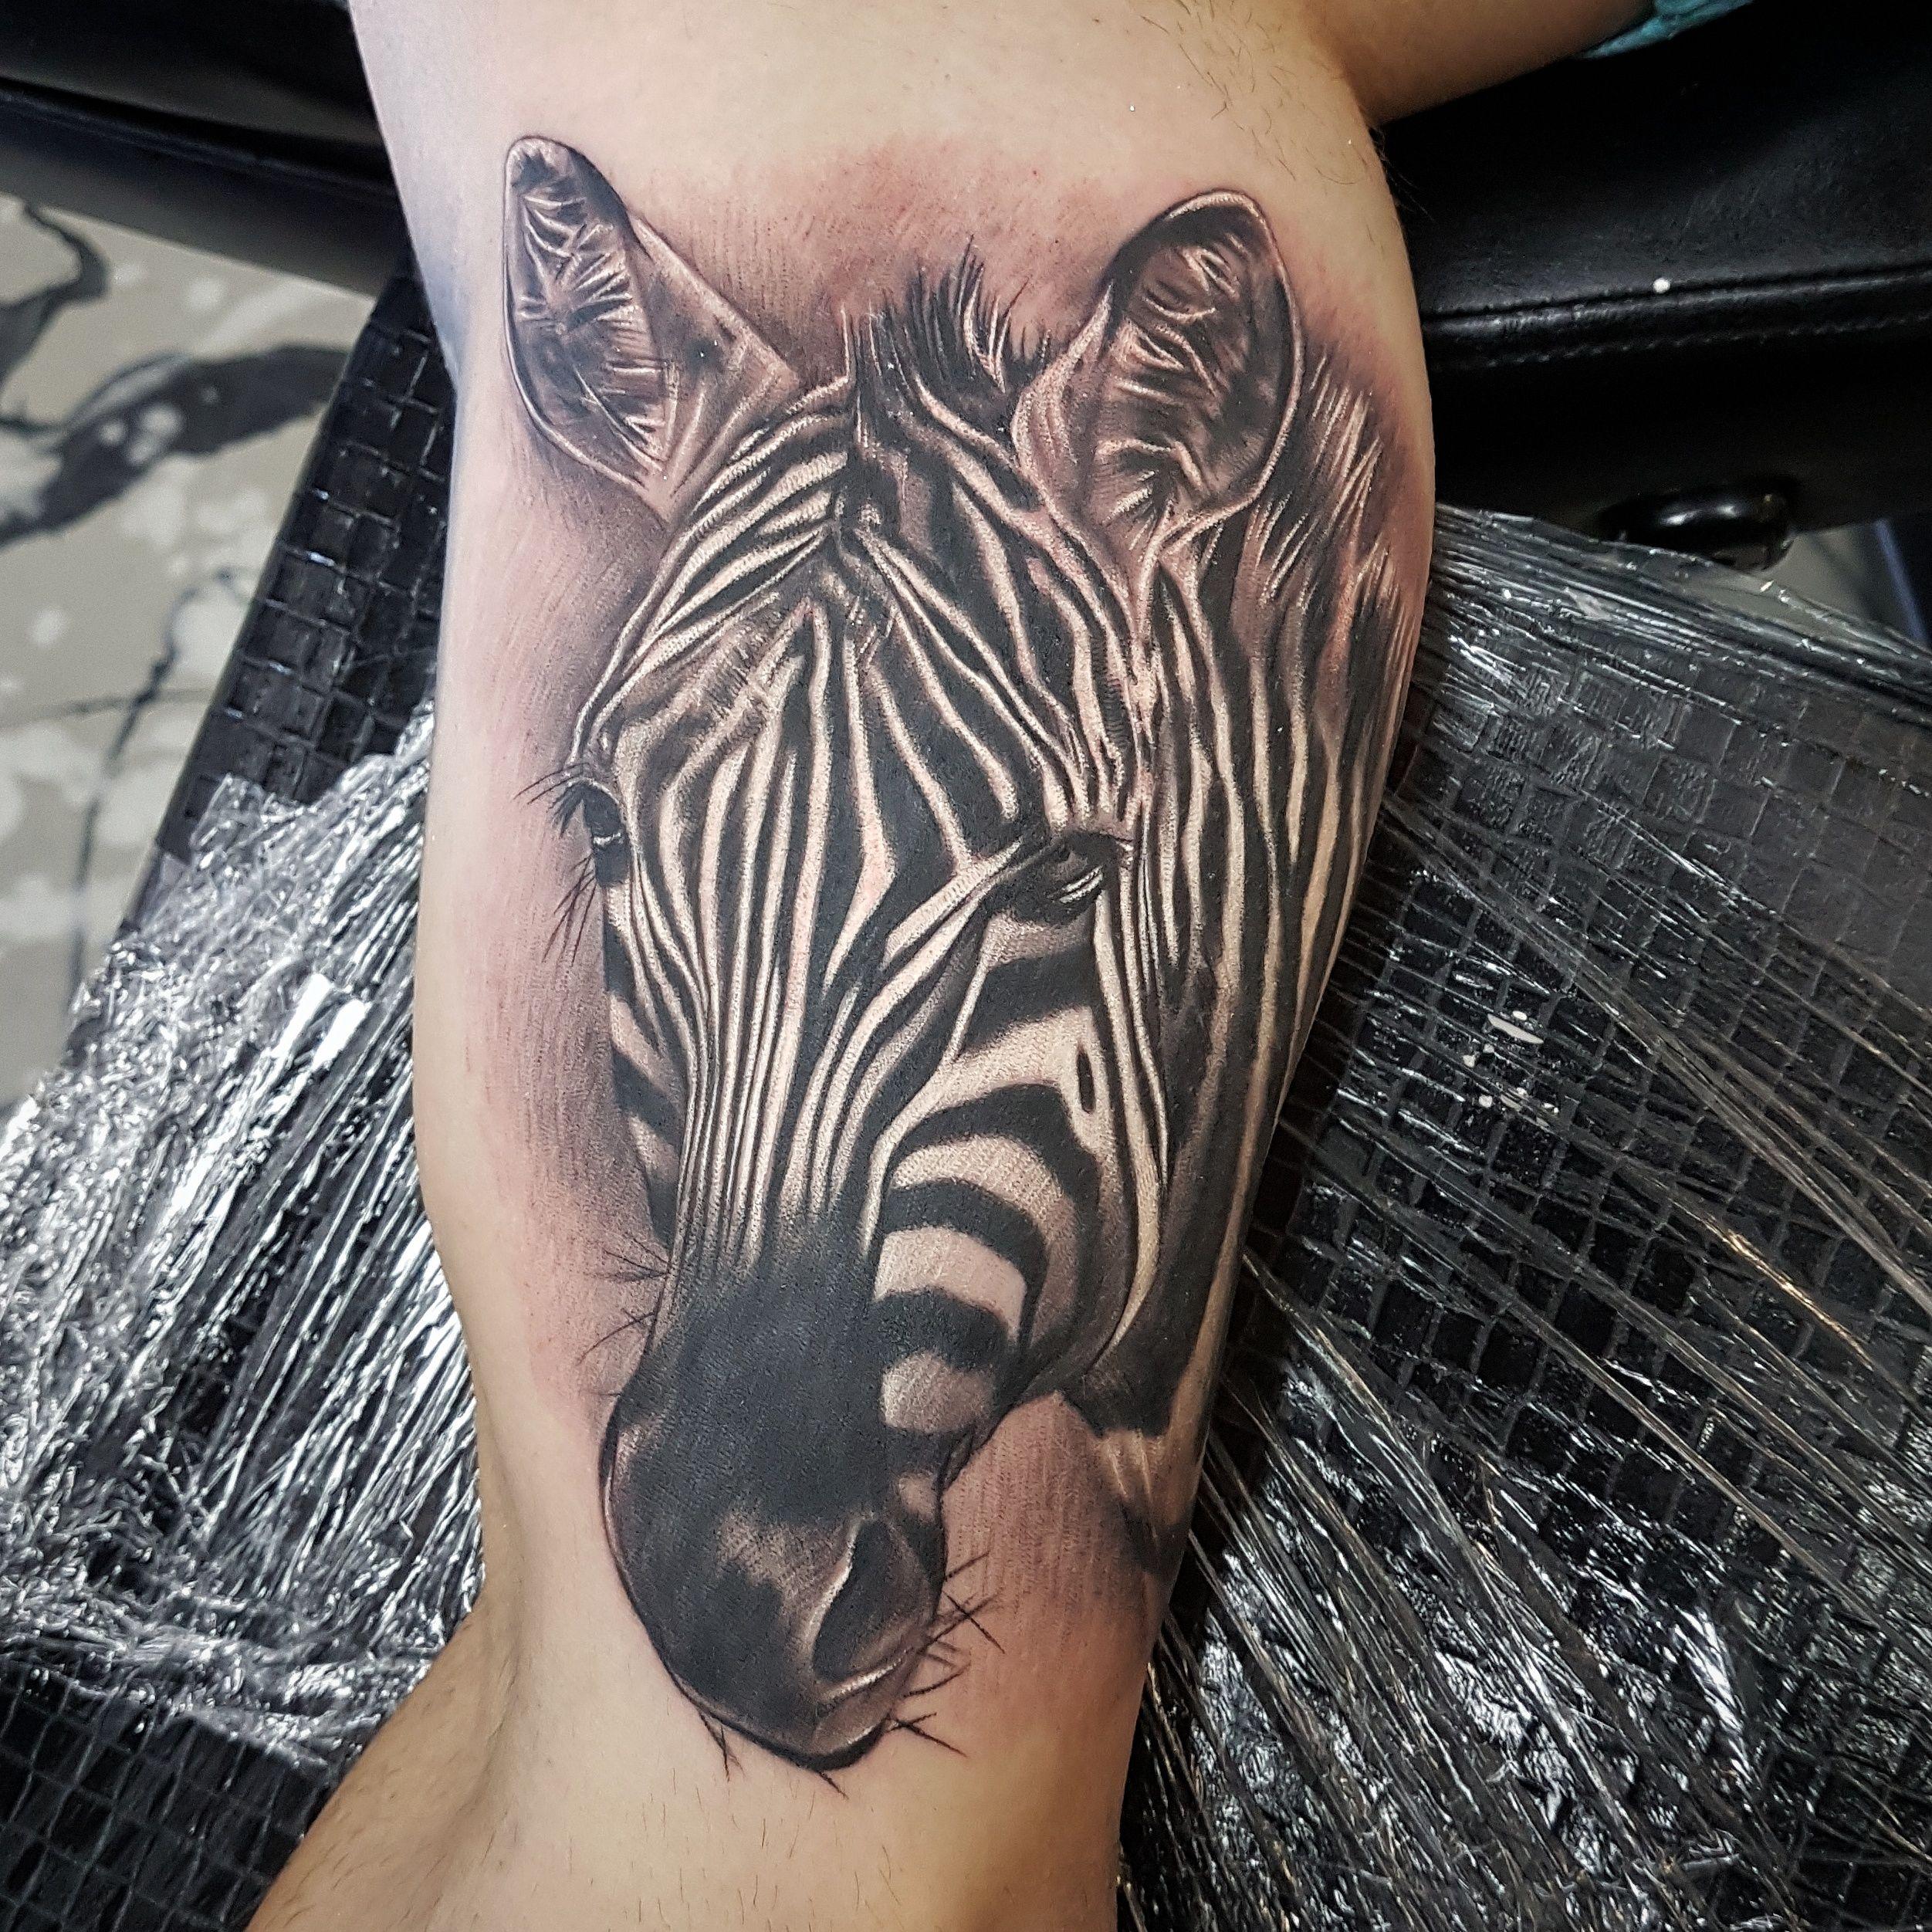 Zebra Tattoos, Tattoos